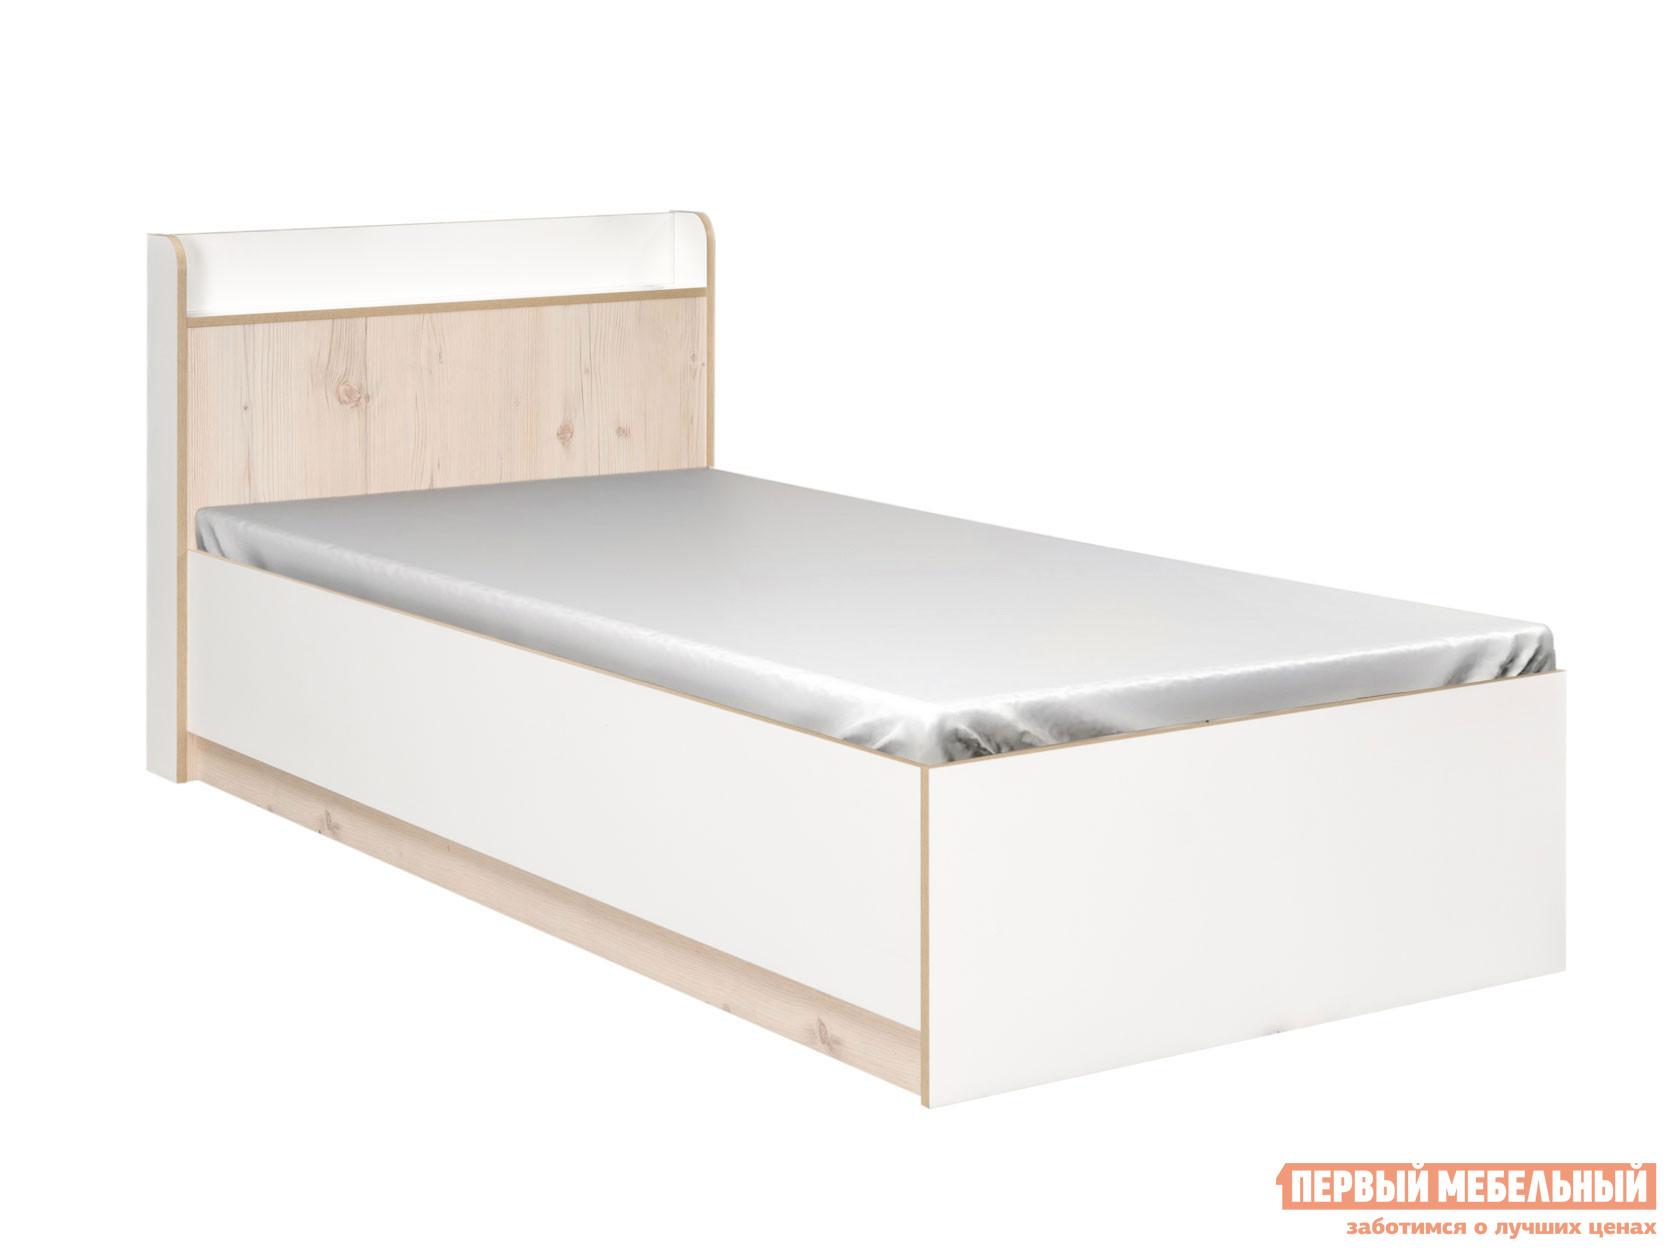 Кровать с подъемным механизмом Первый Мебельный Кровать Витра 90х200